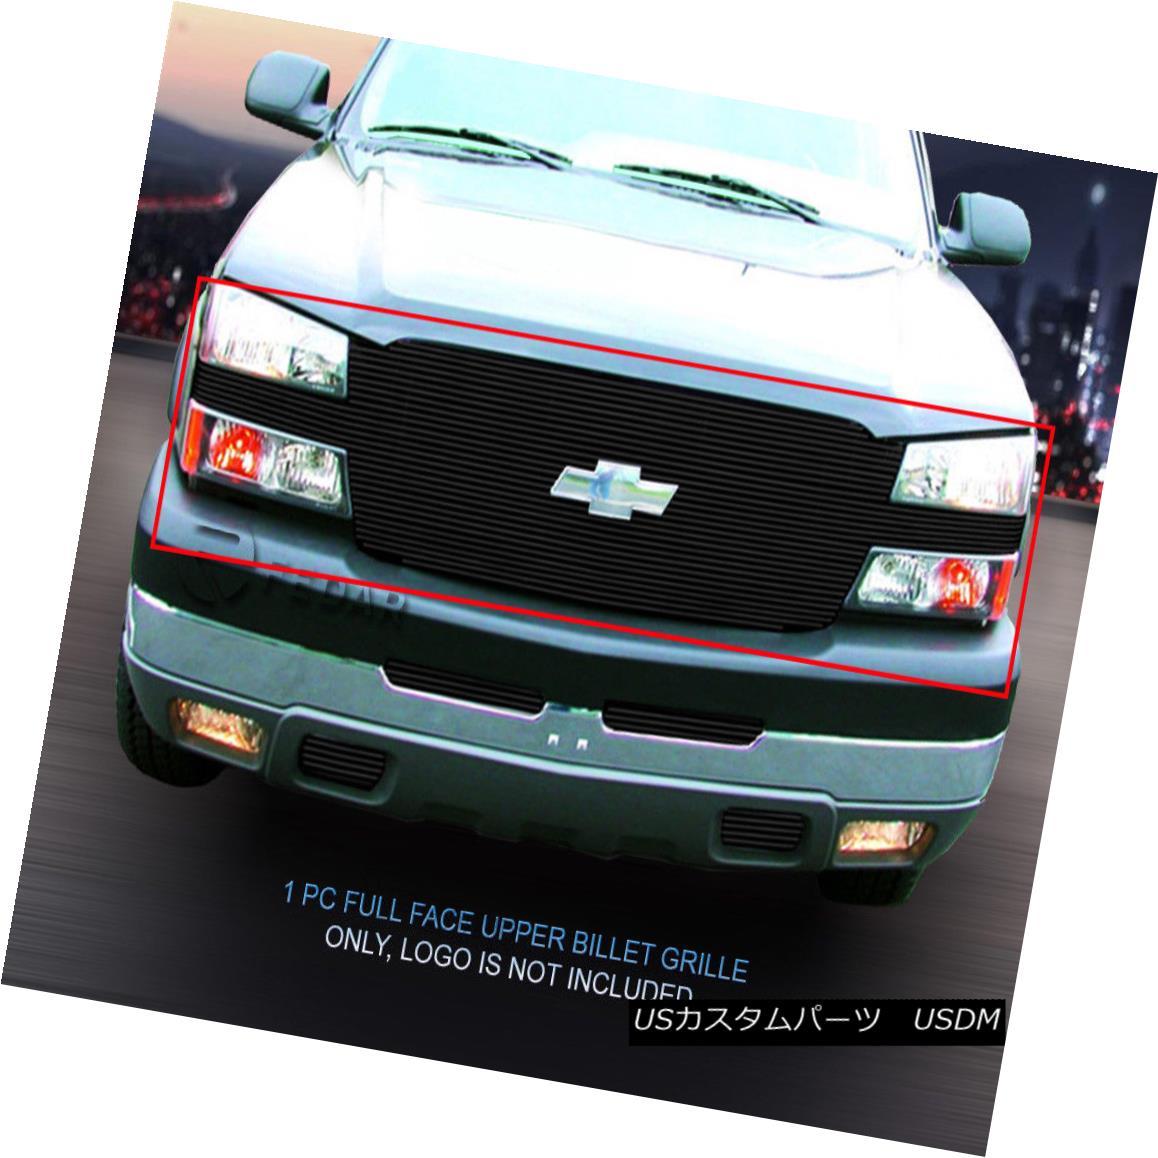 グリル Fedar Fits 03-05 Silverado/03-06 Avalanche Black Main Upper Billet Grille Fedar Fits 03-05 Silverado / 03-0 6アバランシェブラックメインアッパービレットグリル